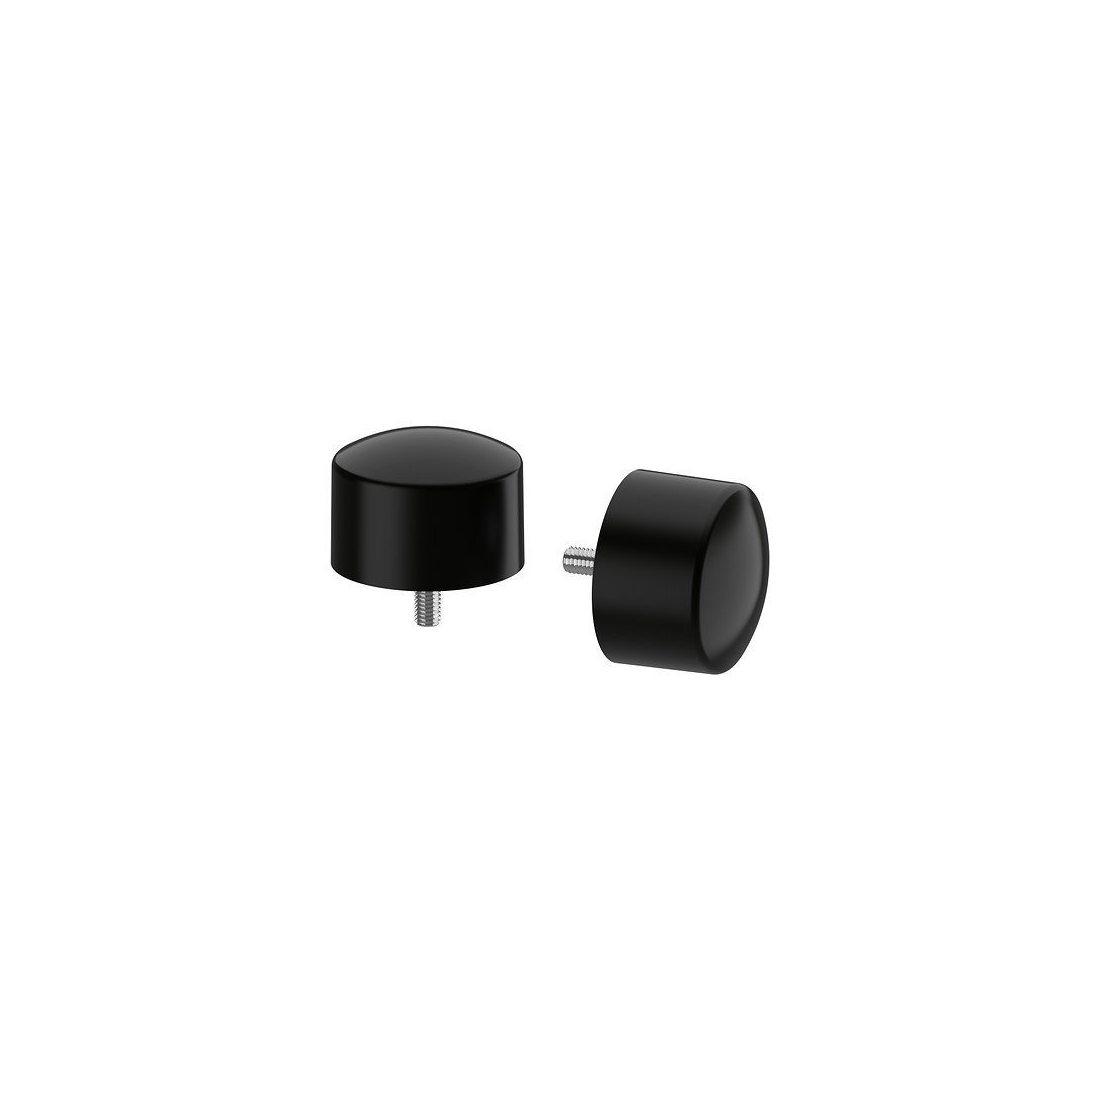 IKEA RAFFIG - Embout, noir paquet / 2